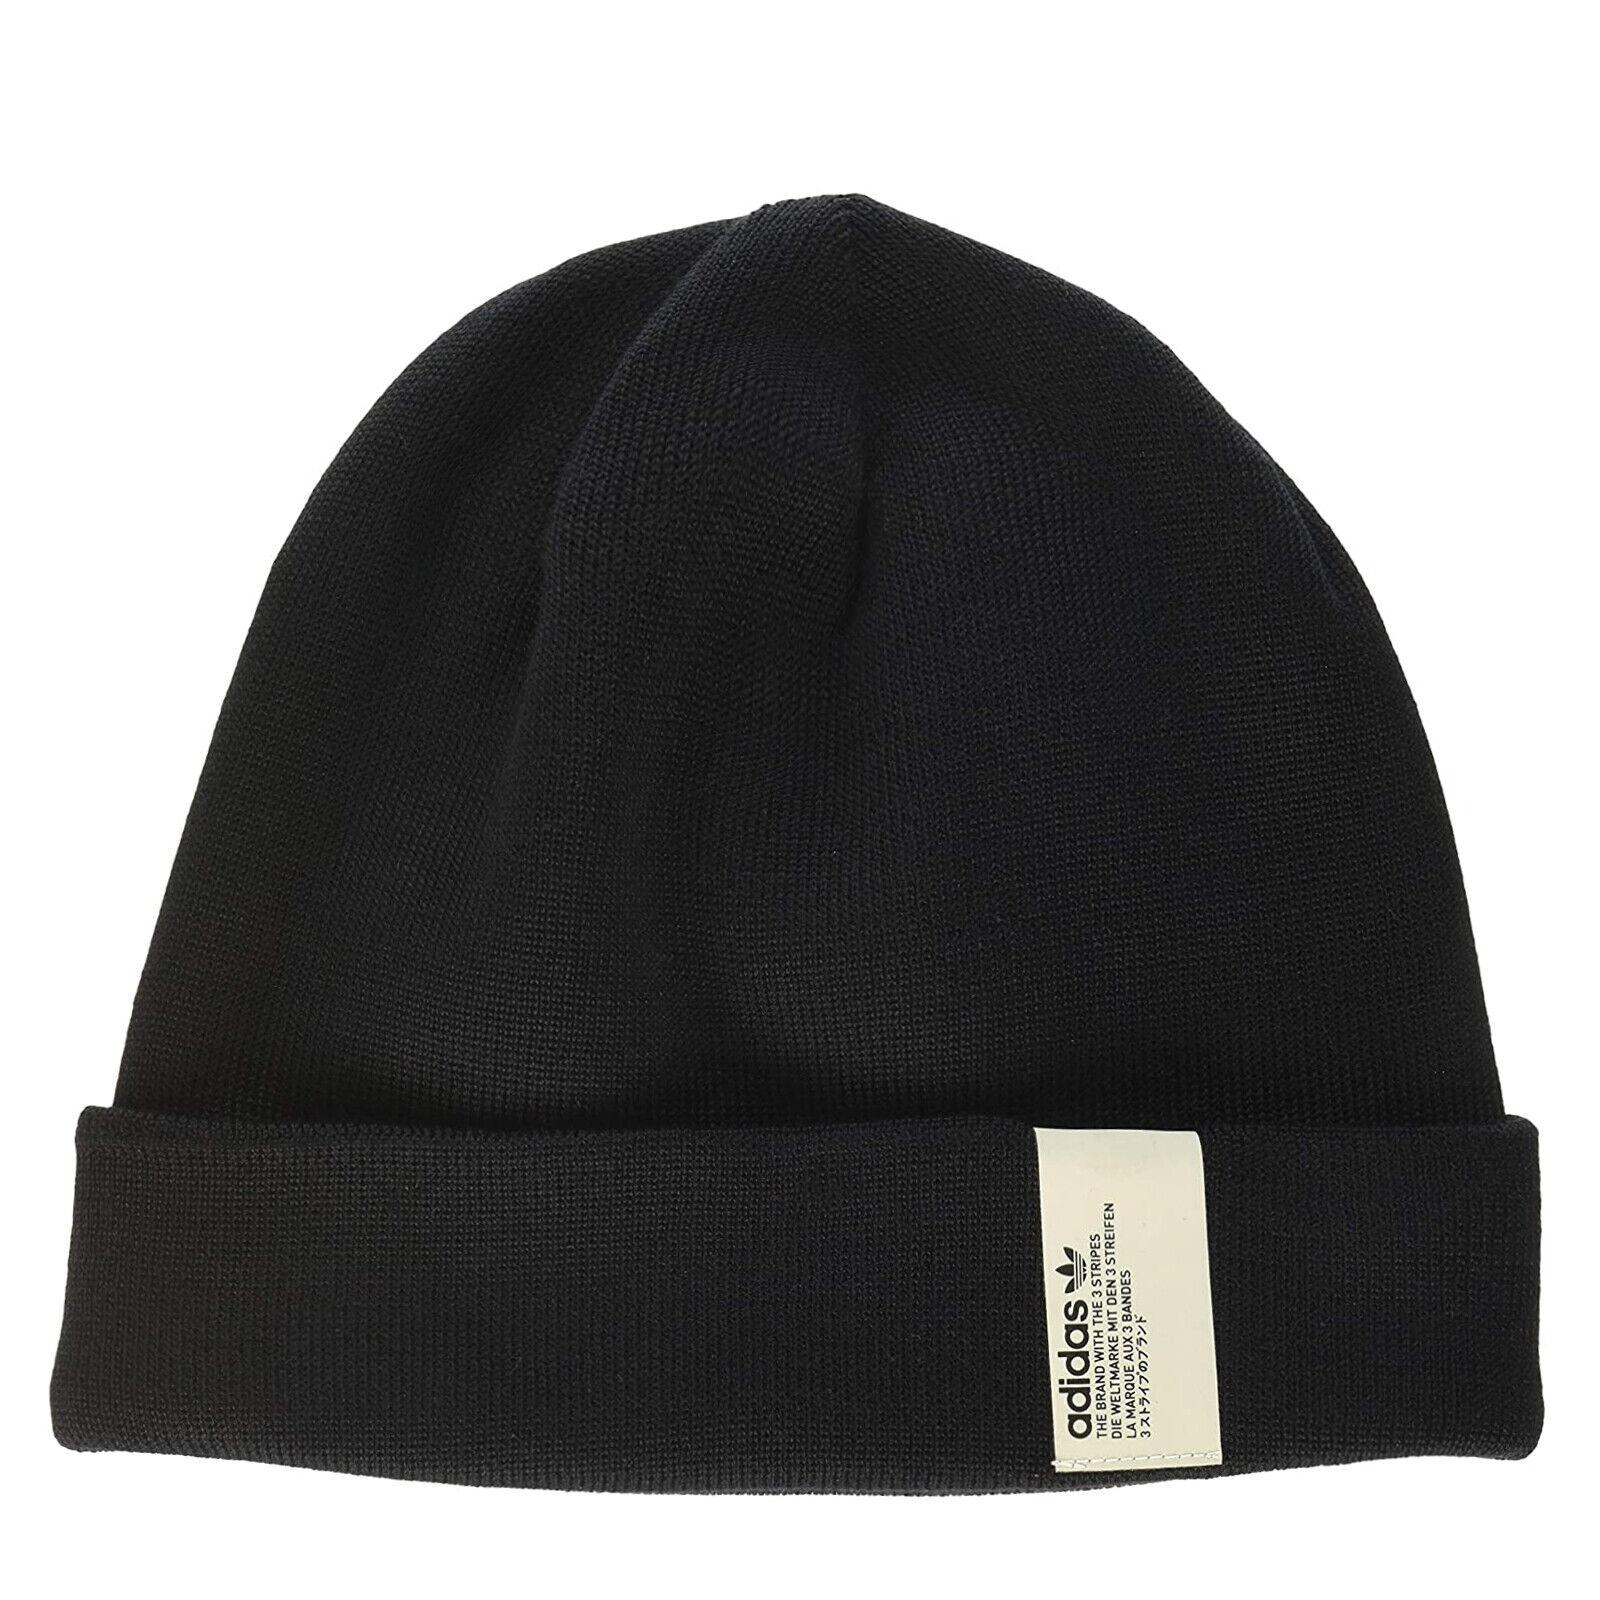 Adidas Originals NMD Beanie Mens Fine Knit Winter Hat DH3224 Black